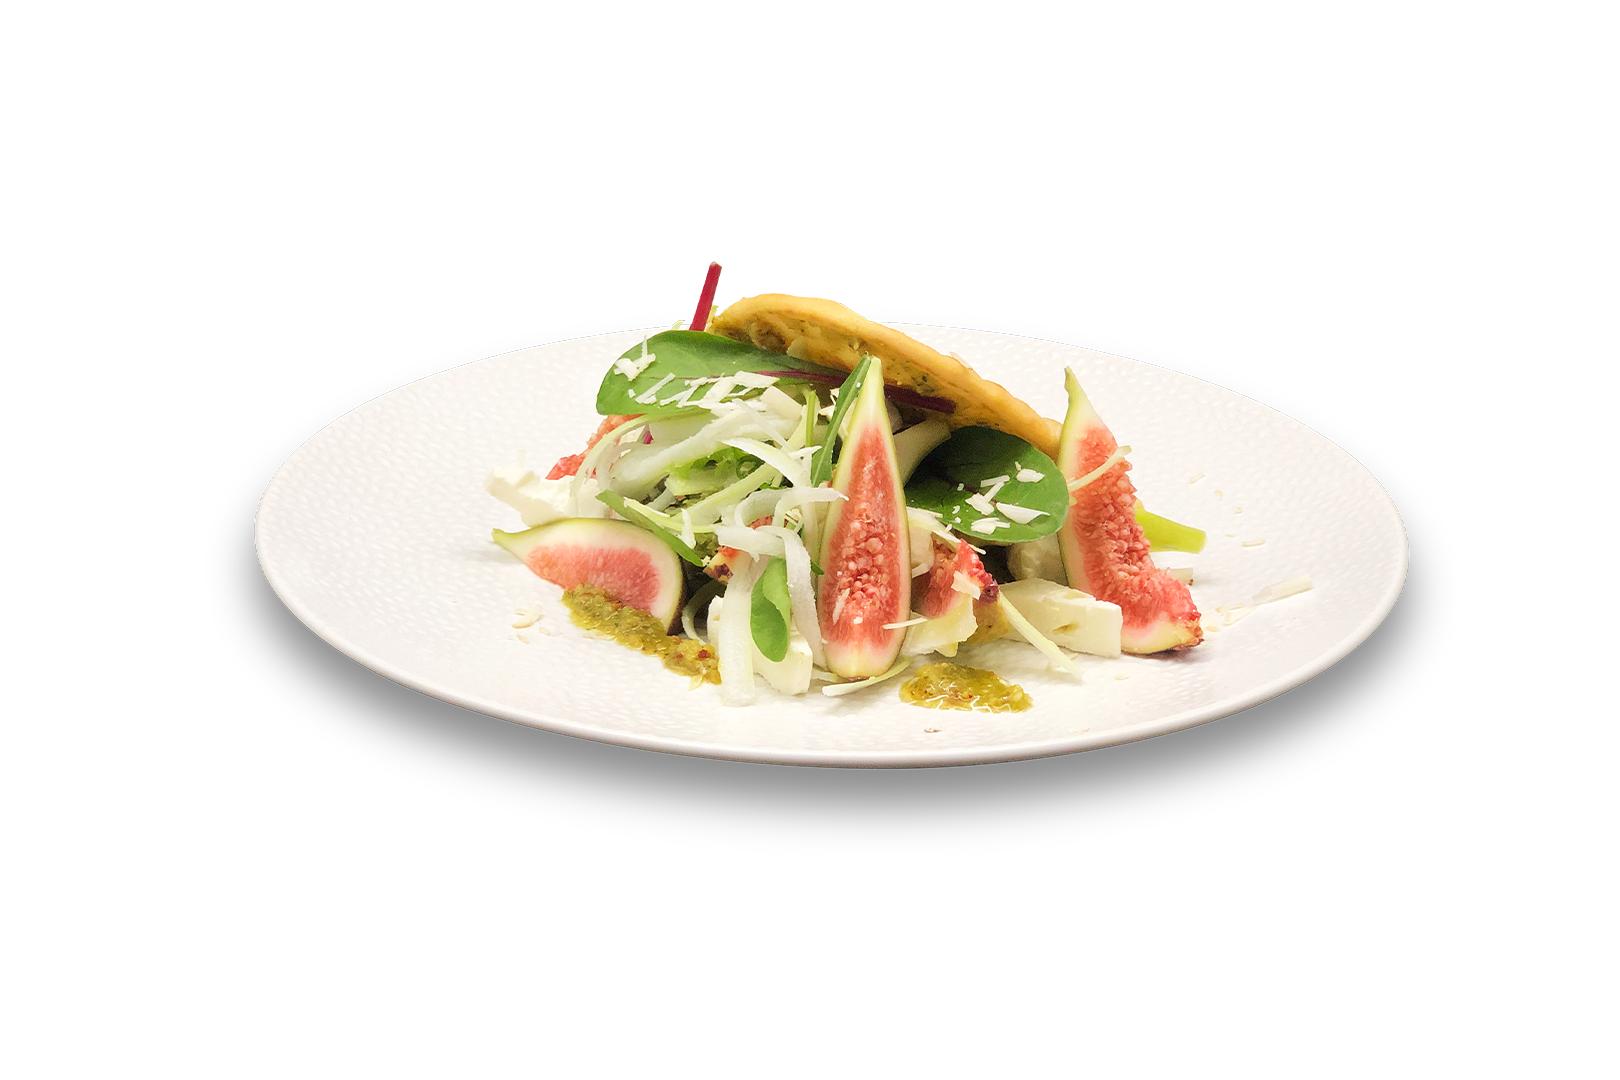 Flat bread met Noten Pesto salade van jonge blad sla, spaghetti bleekselderij, vegan feta, verse vijgen en schaafsel van para noten